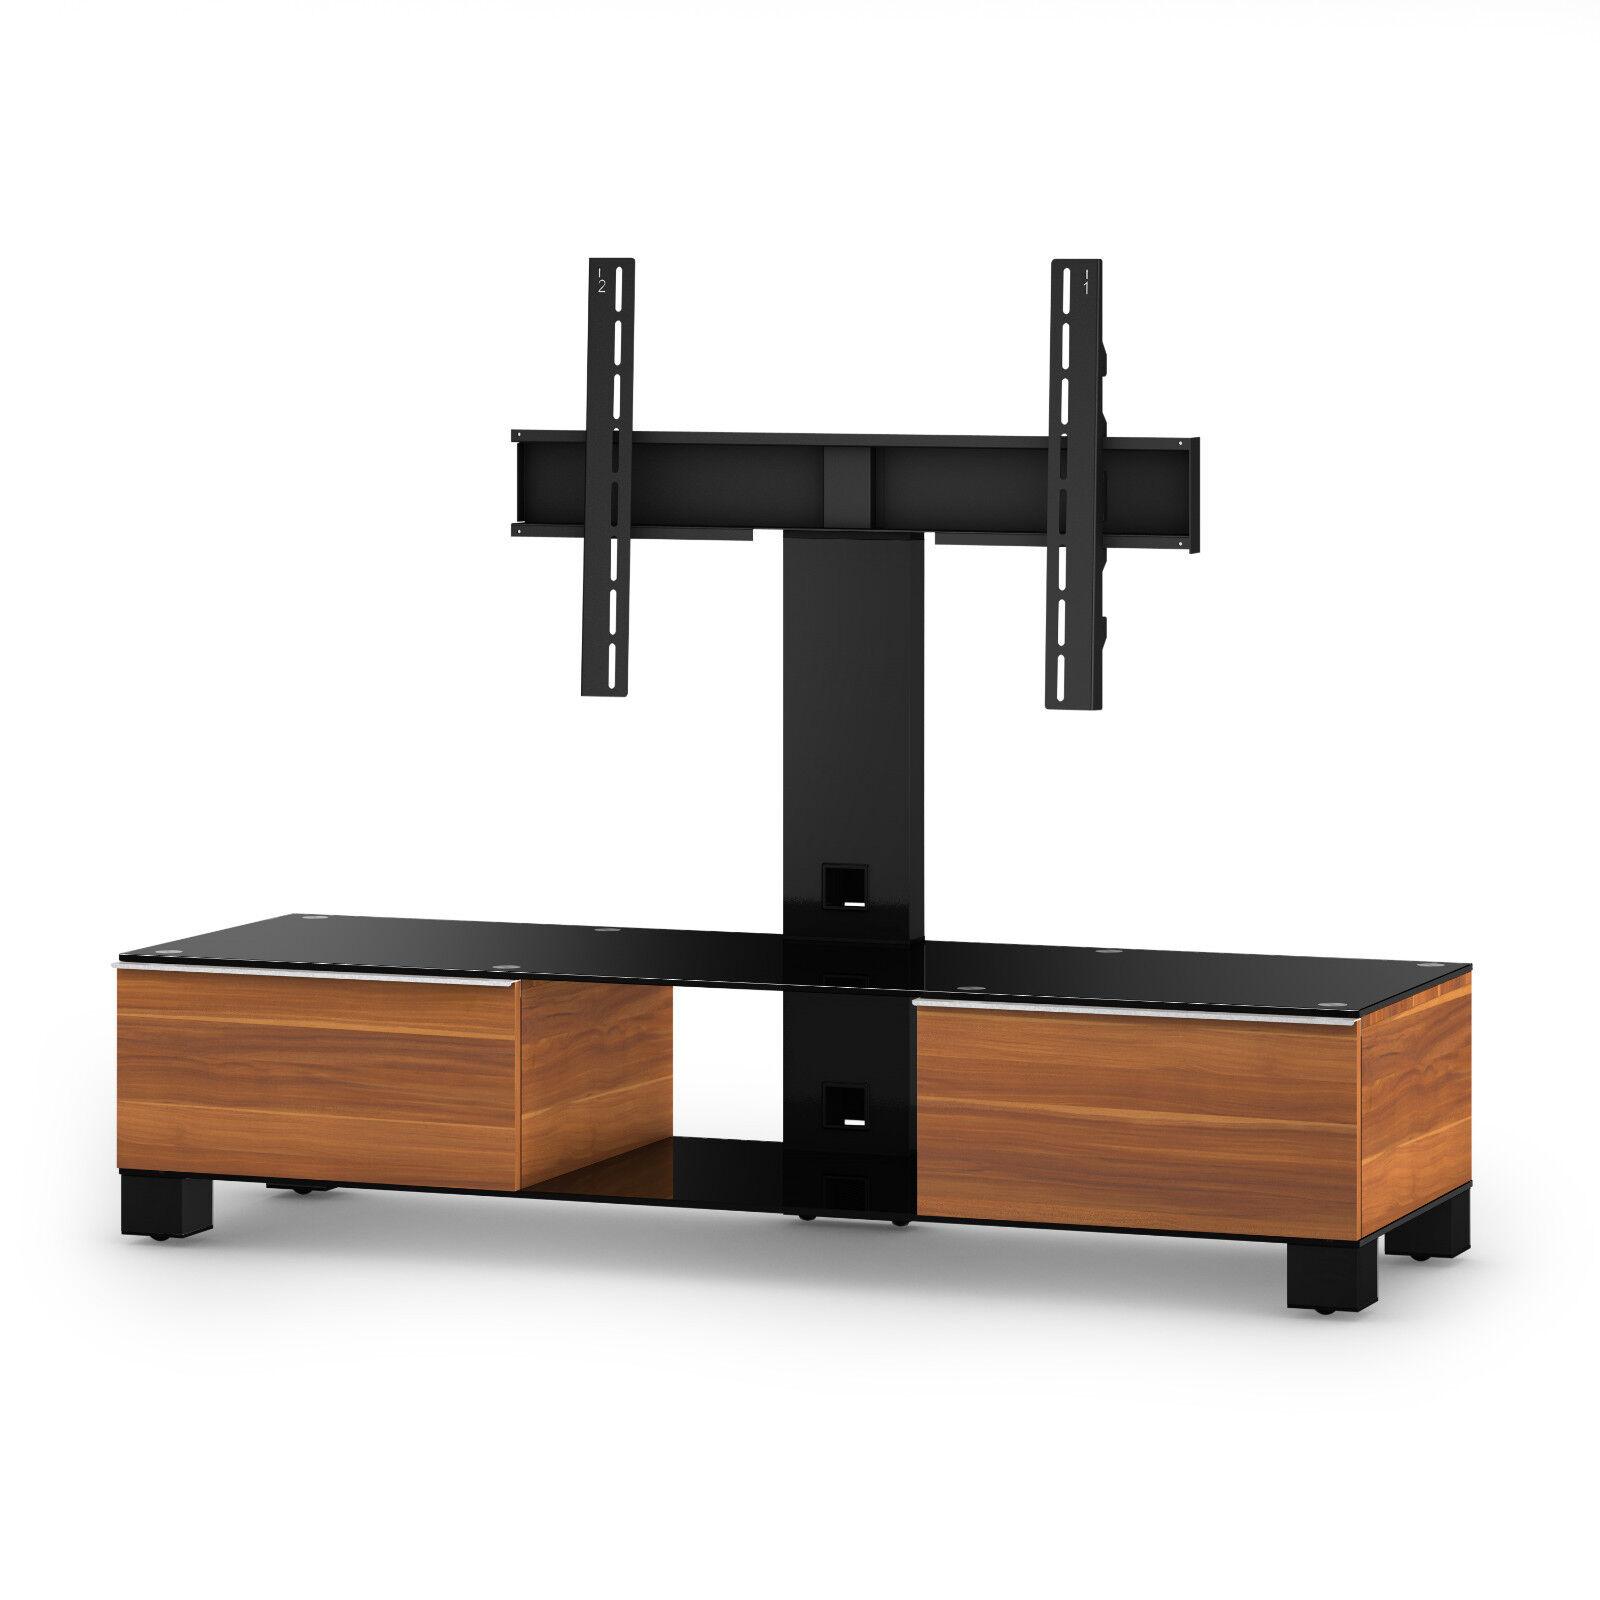 SonGoldus MD 8140-B-HBLK-APL TV-Möbel TV-Möbel TV-Möbel Fernsehtisch für 60  Fernseher, Apfel-Dekor 1548dd